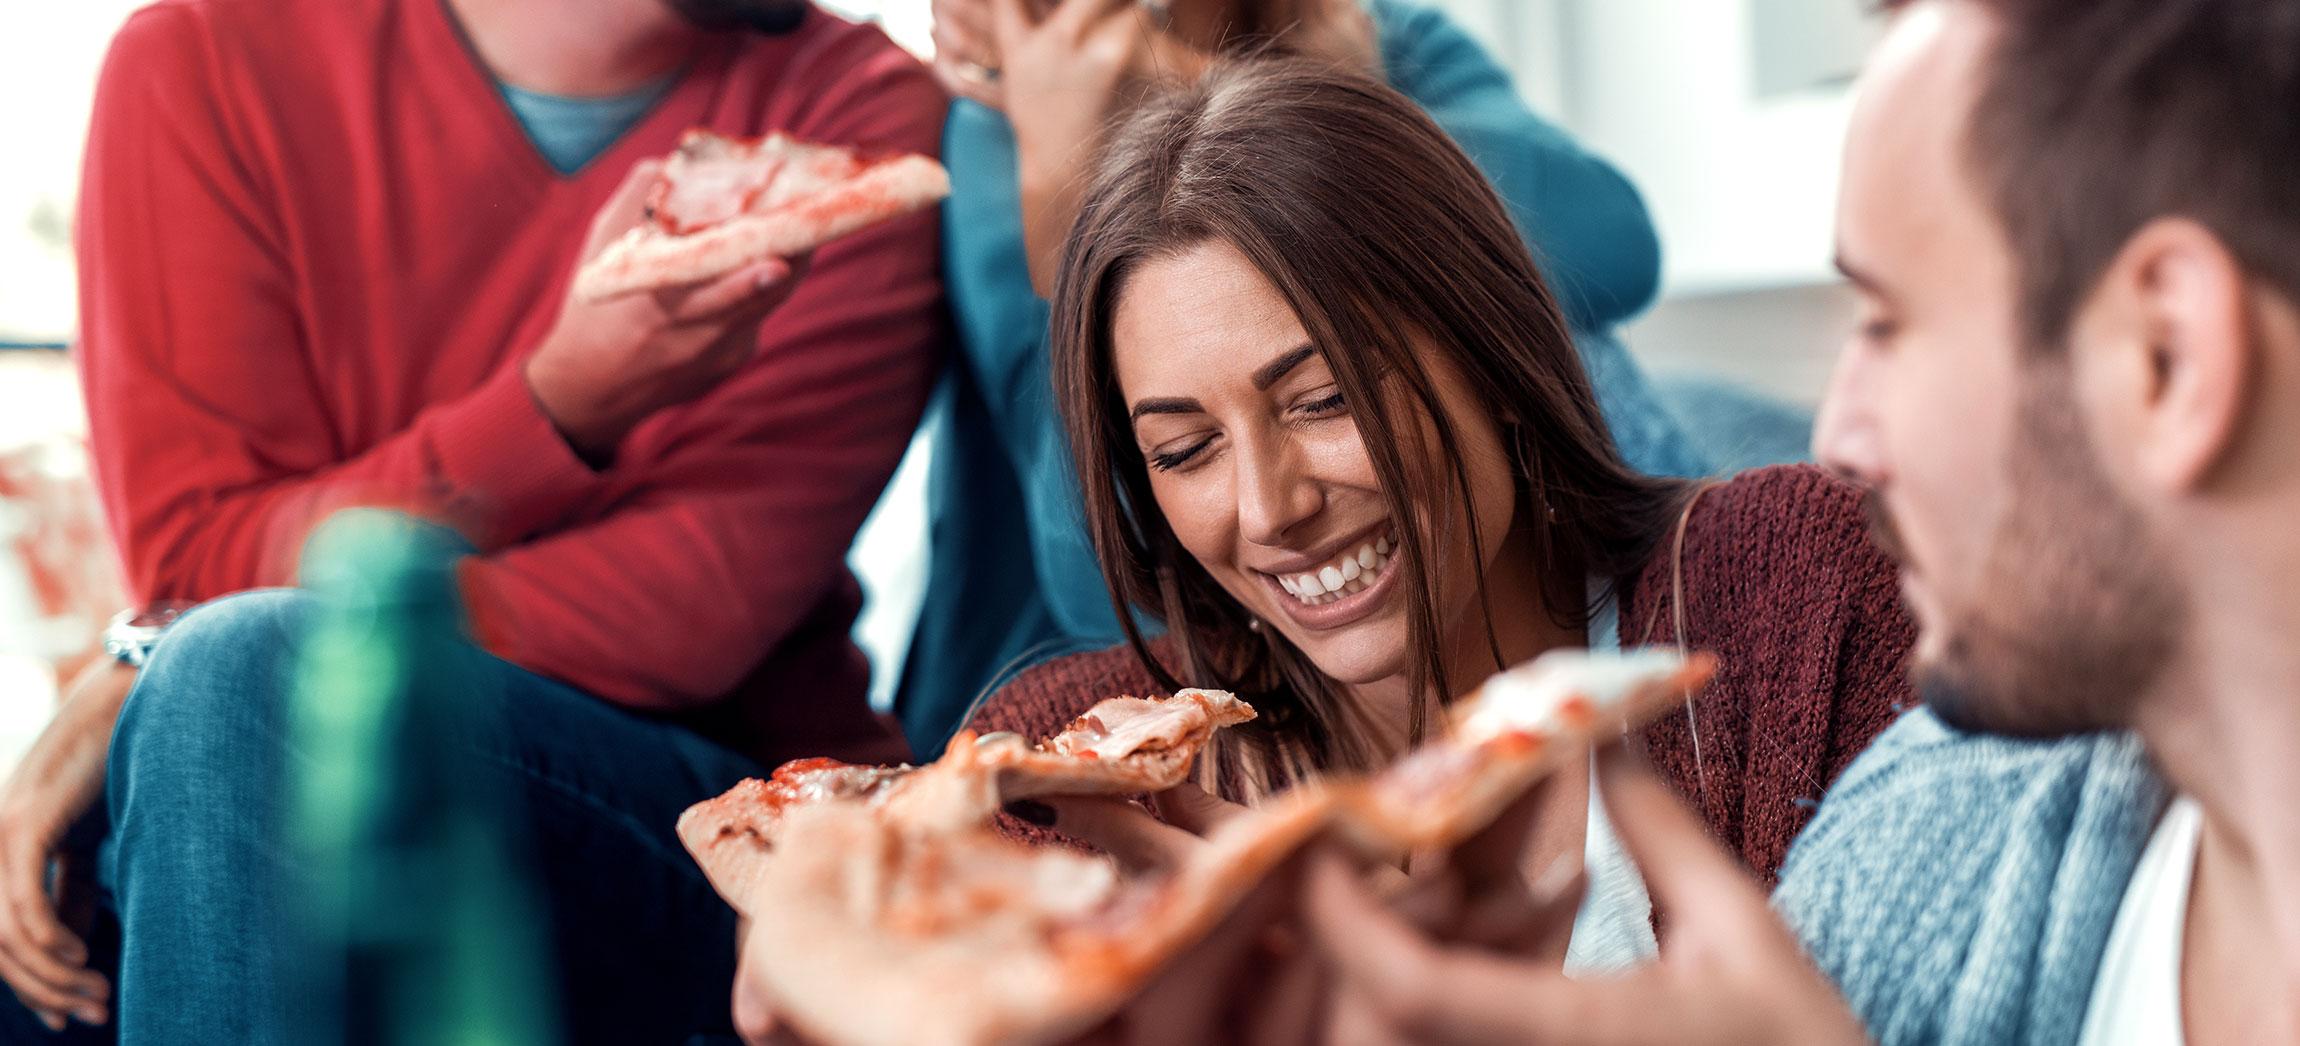 Frau und Mann essen Pizza